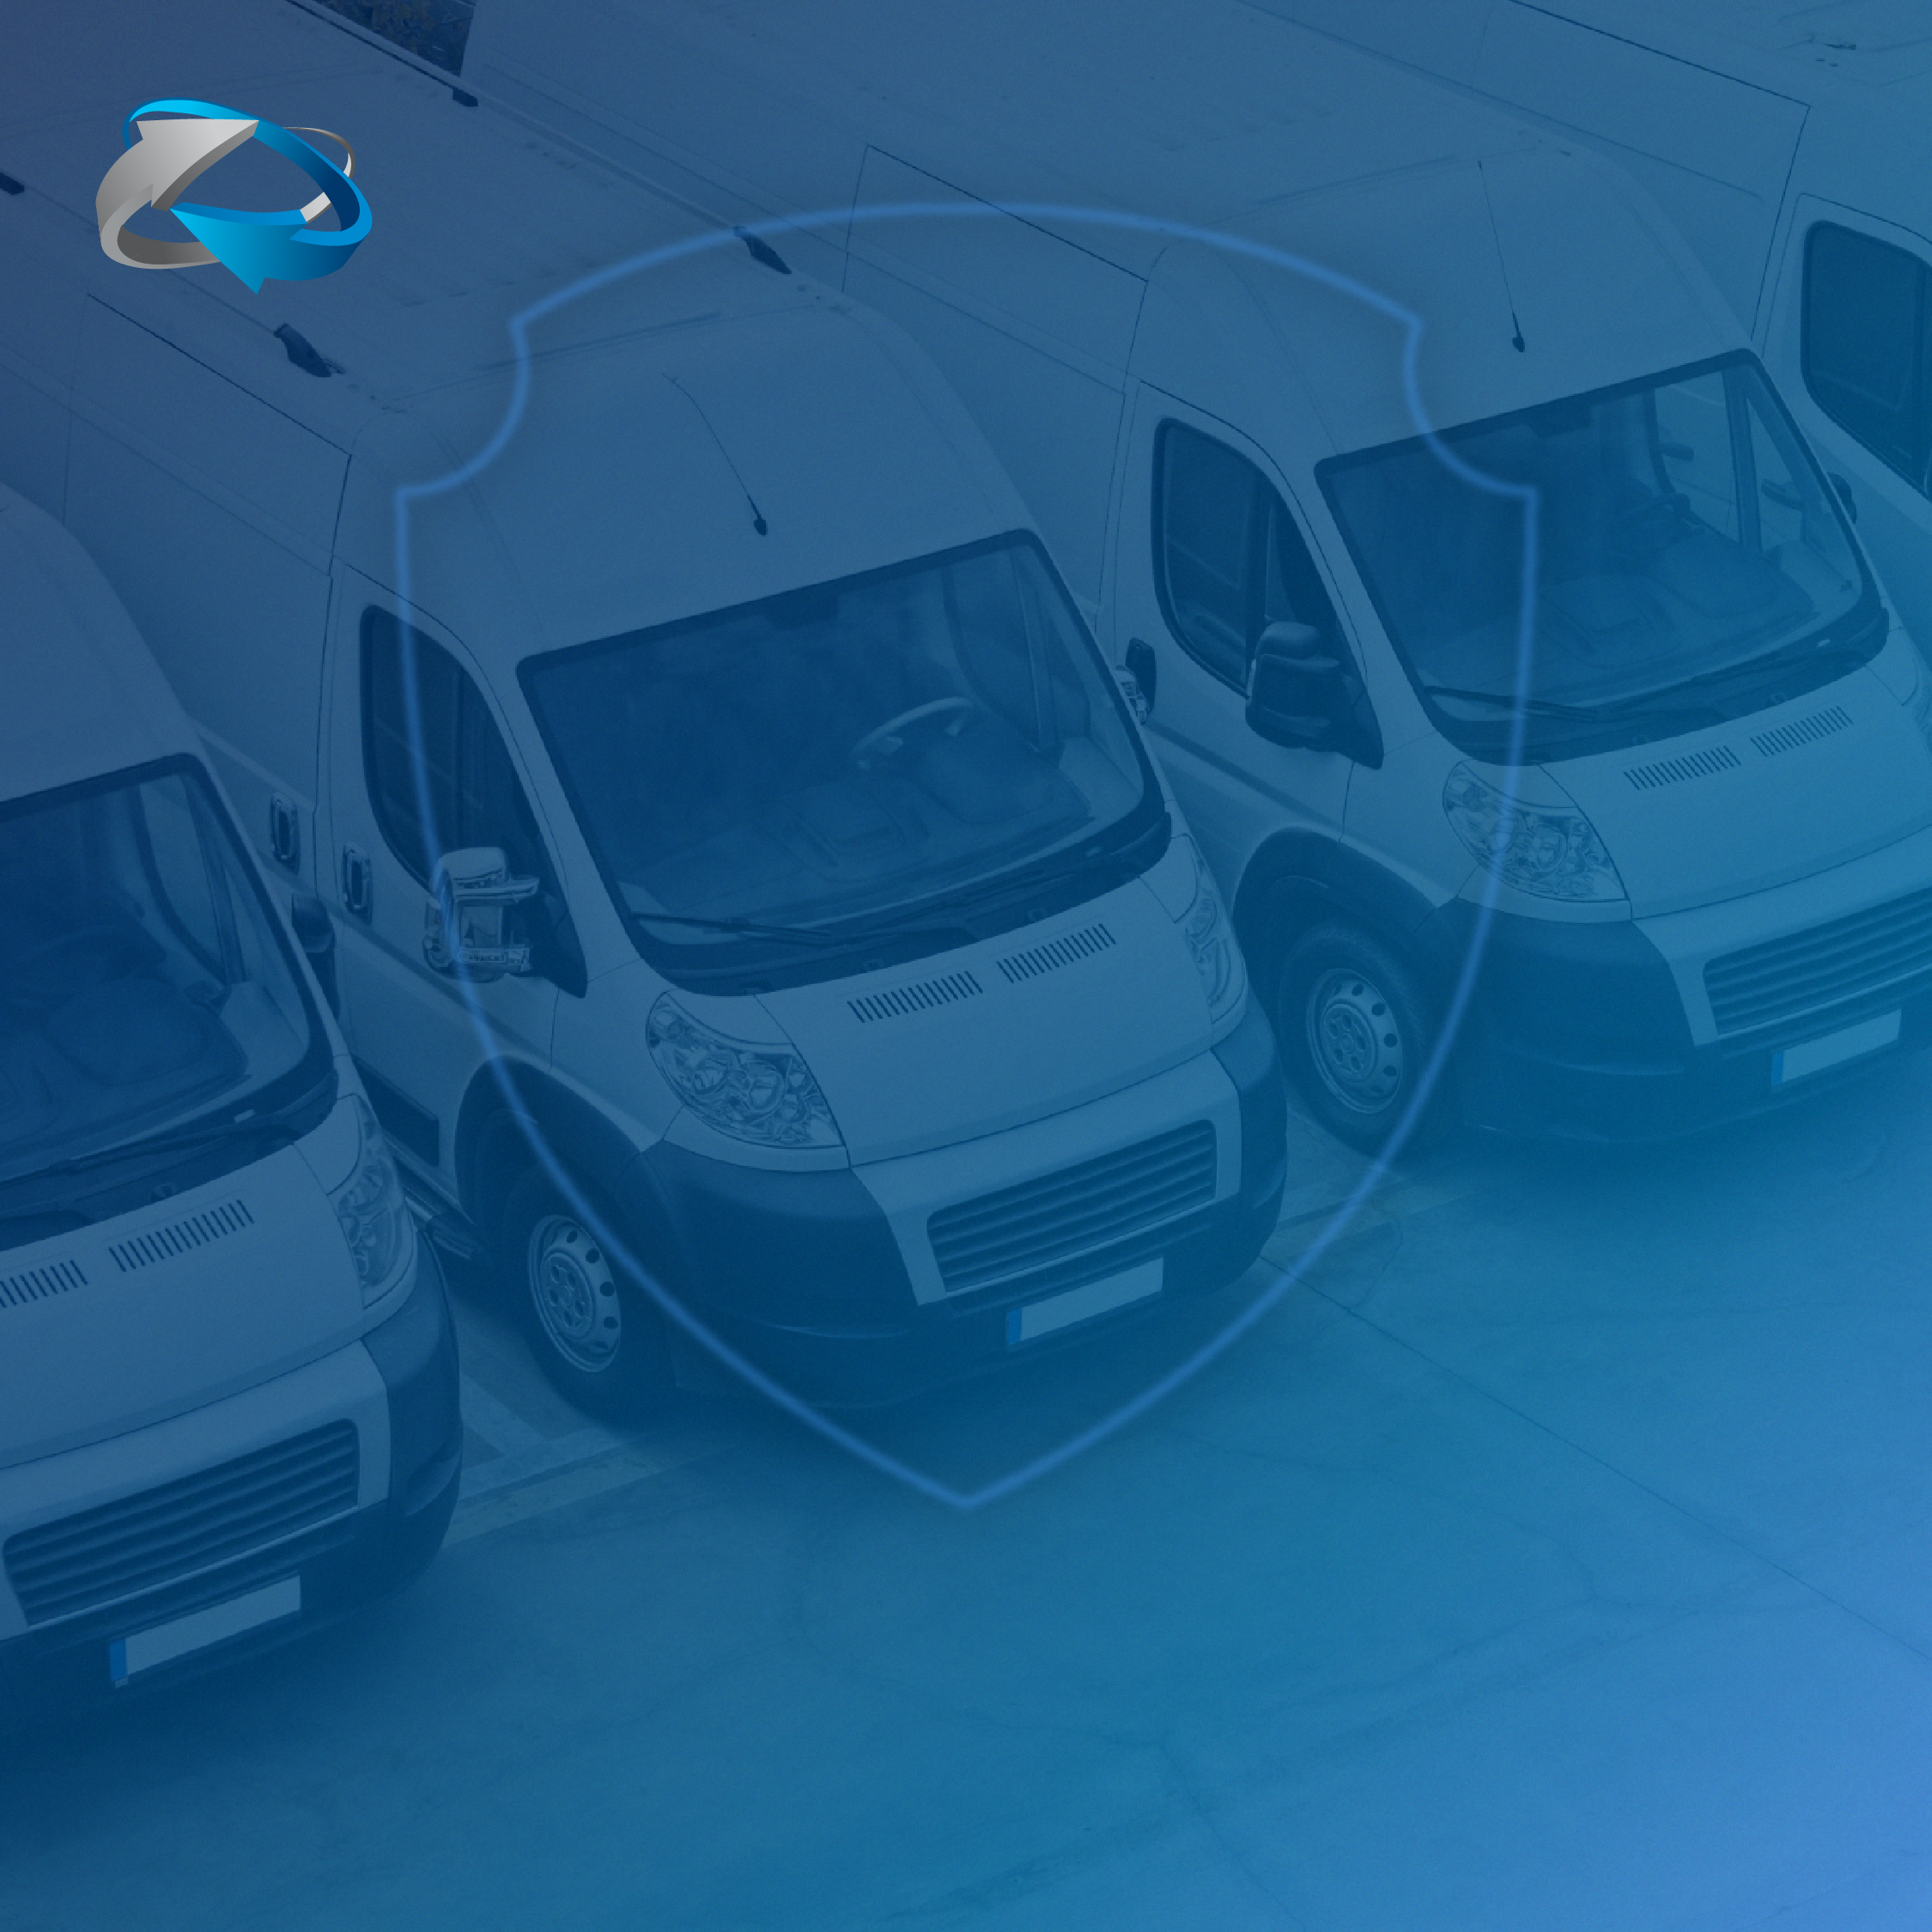 segurança no transporte de cargas - logística